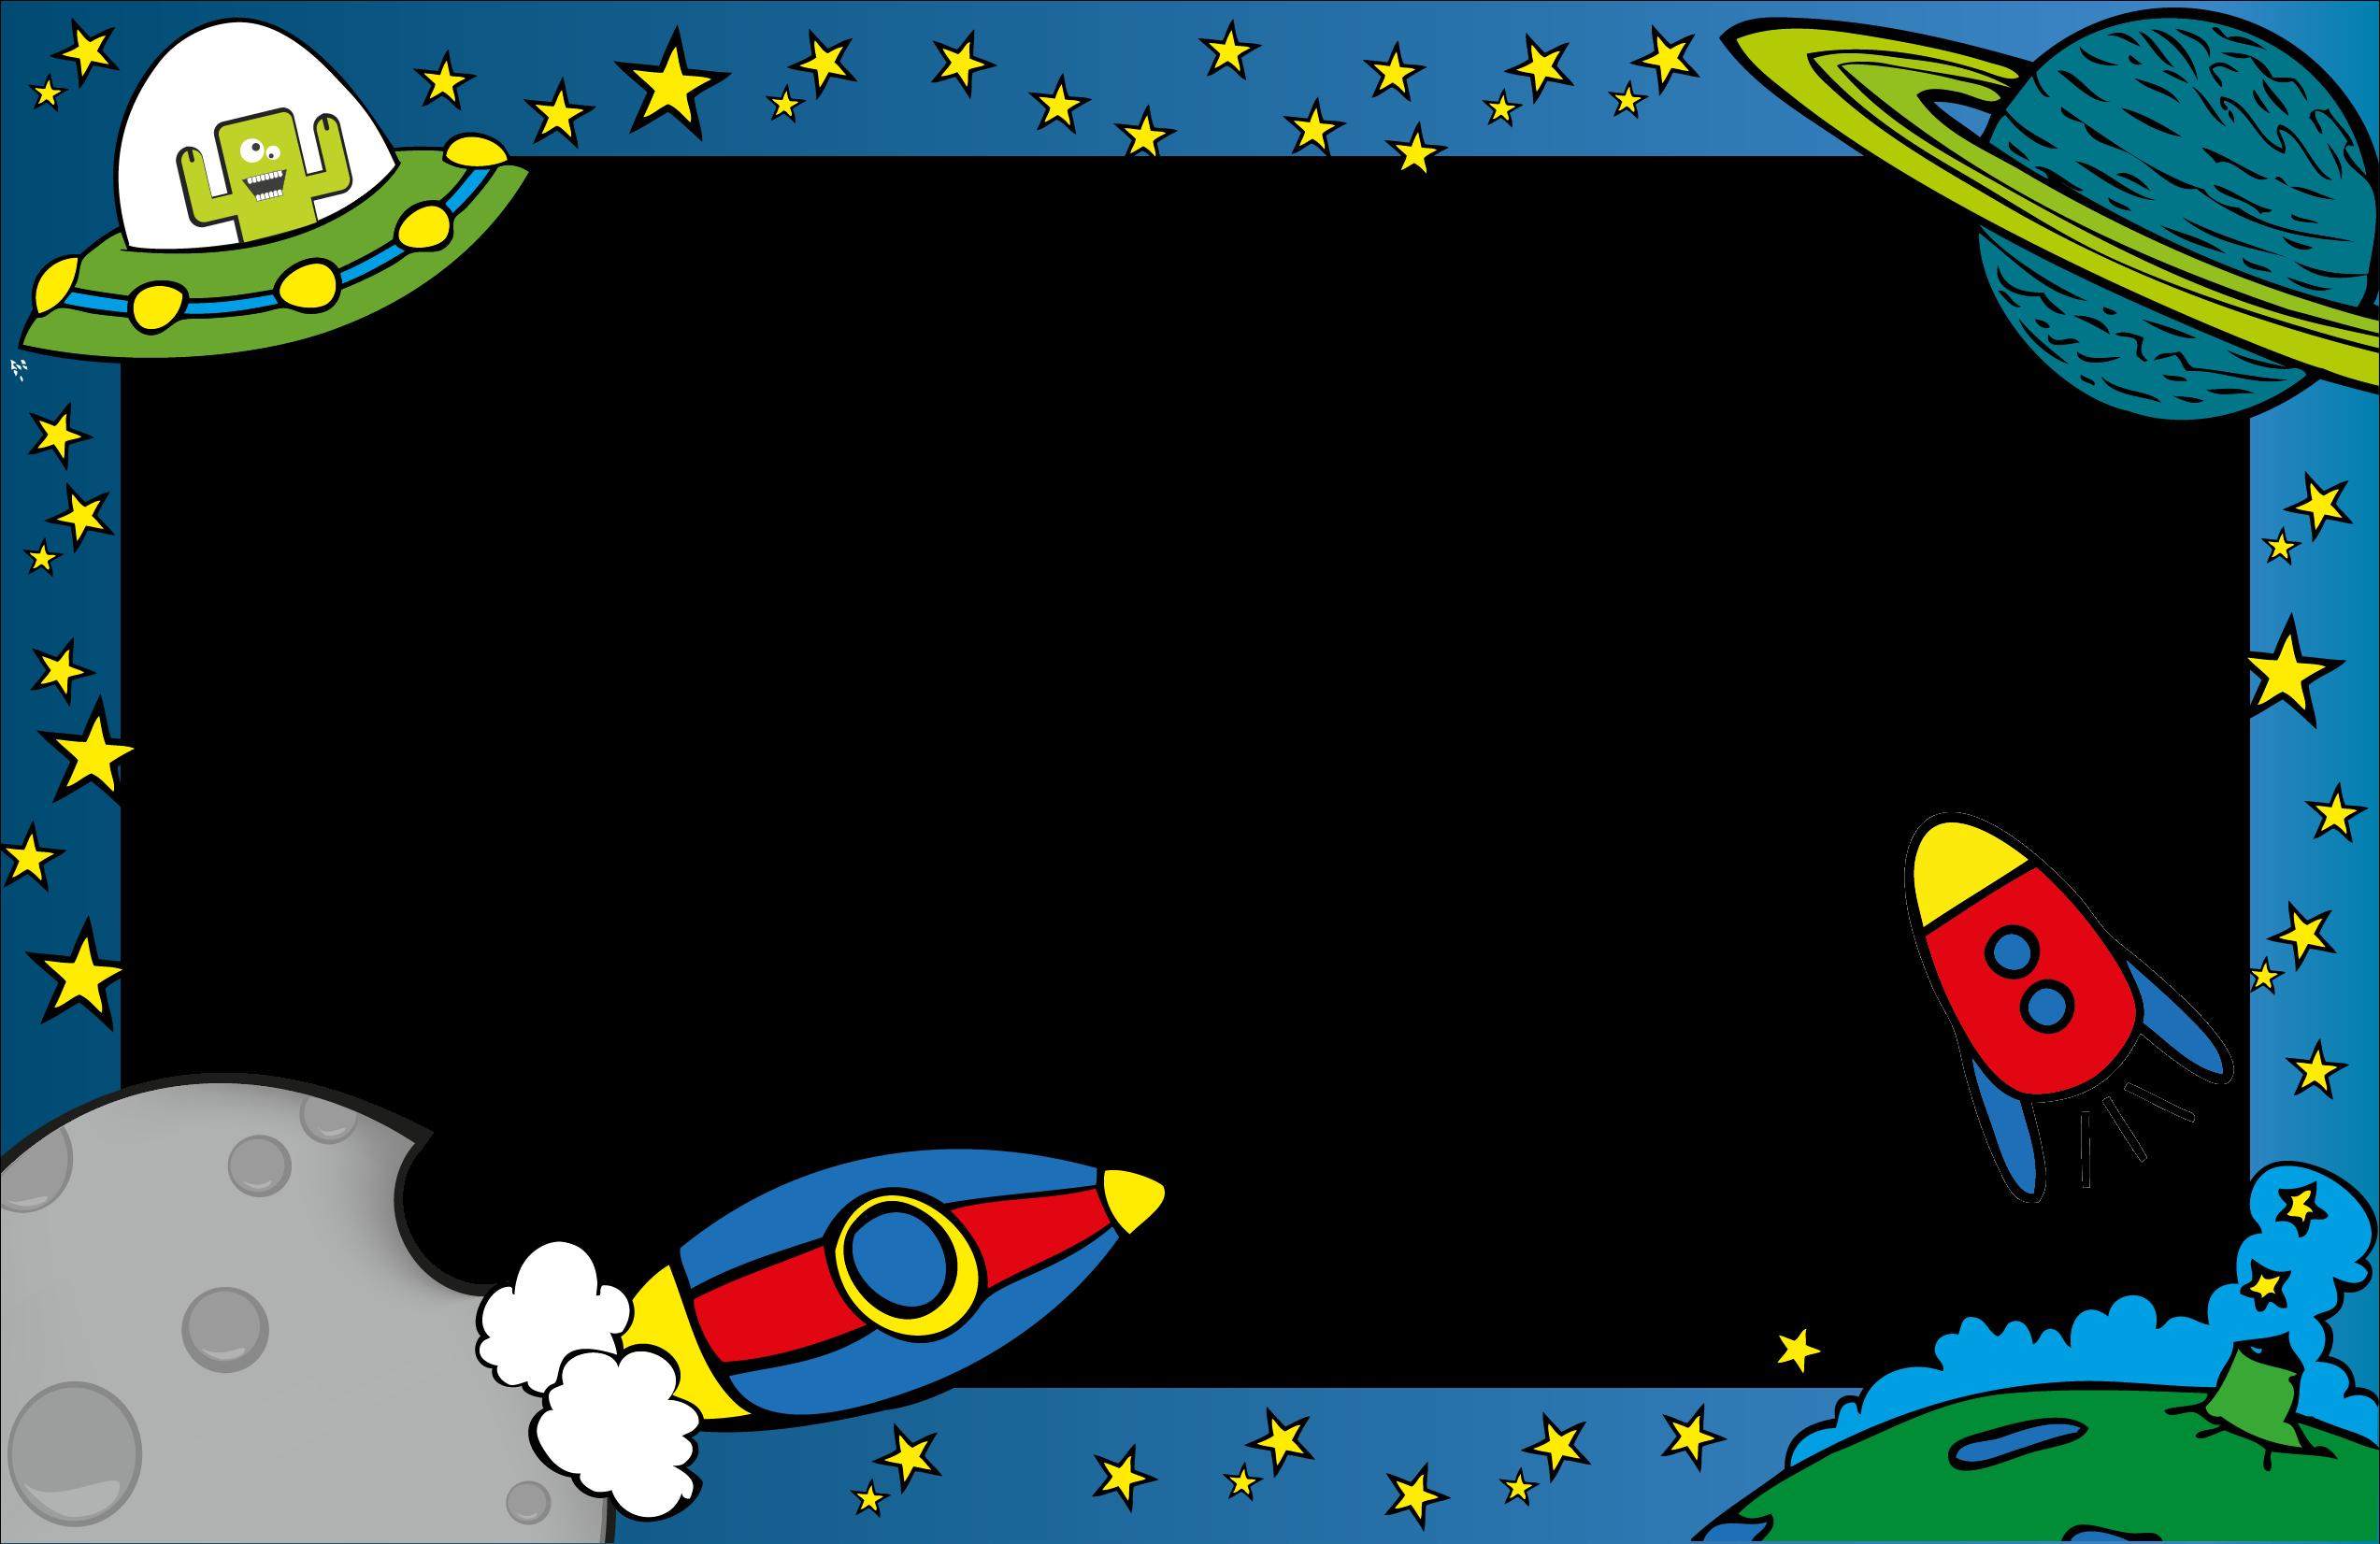 Bordes Infantiles Para Hojas Word Imagui Decorar Marcos - Bordes Del Sistema Solar - (2547x1662) Png Clipart Download. ClipartMax.com